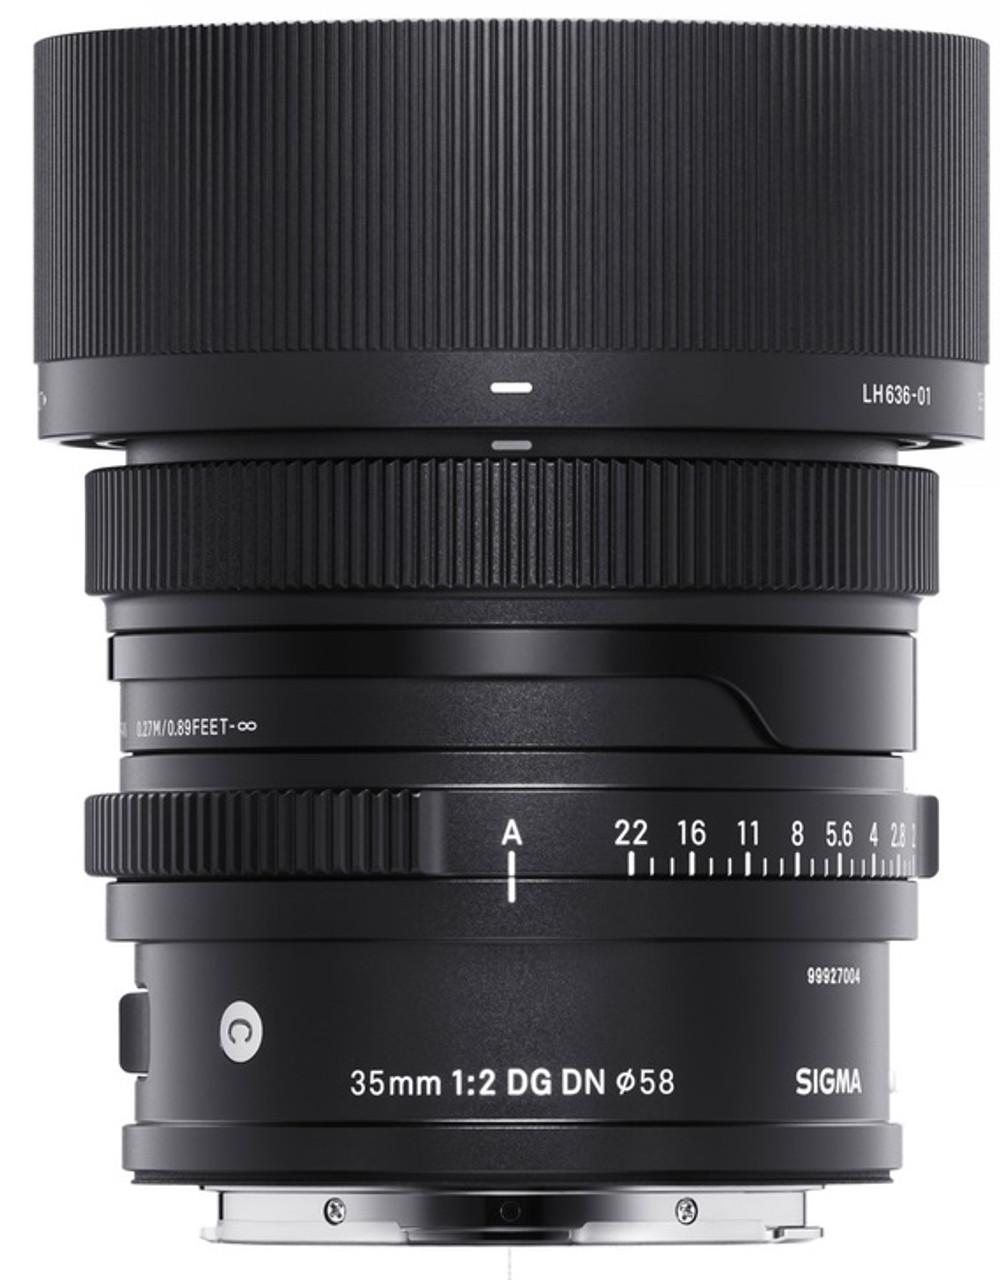 Sigma 35mm f/2 DG DN Contemporary for Leica L